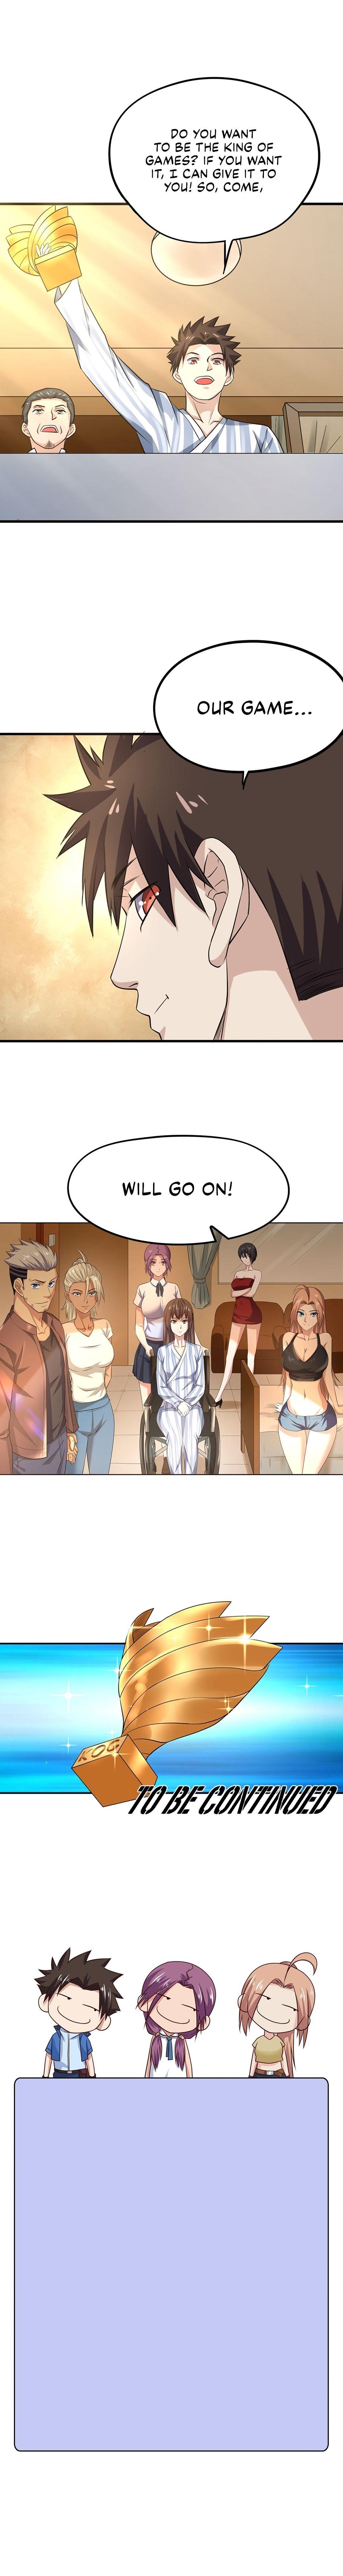 Player Reborn Chapter 194 page 16 - Mangakakalot